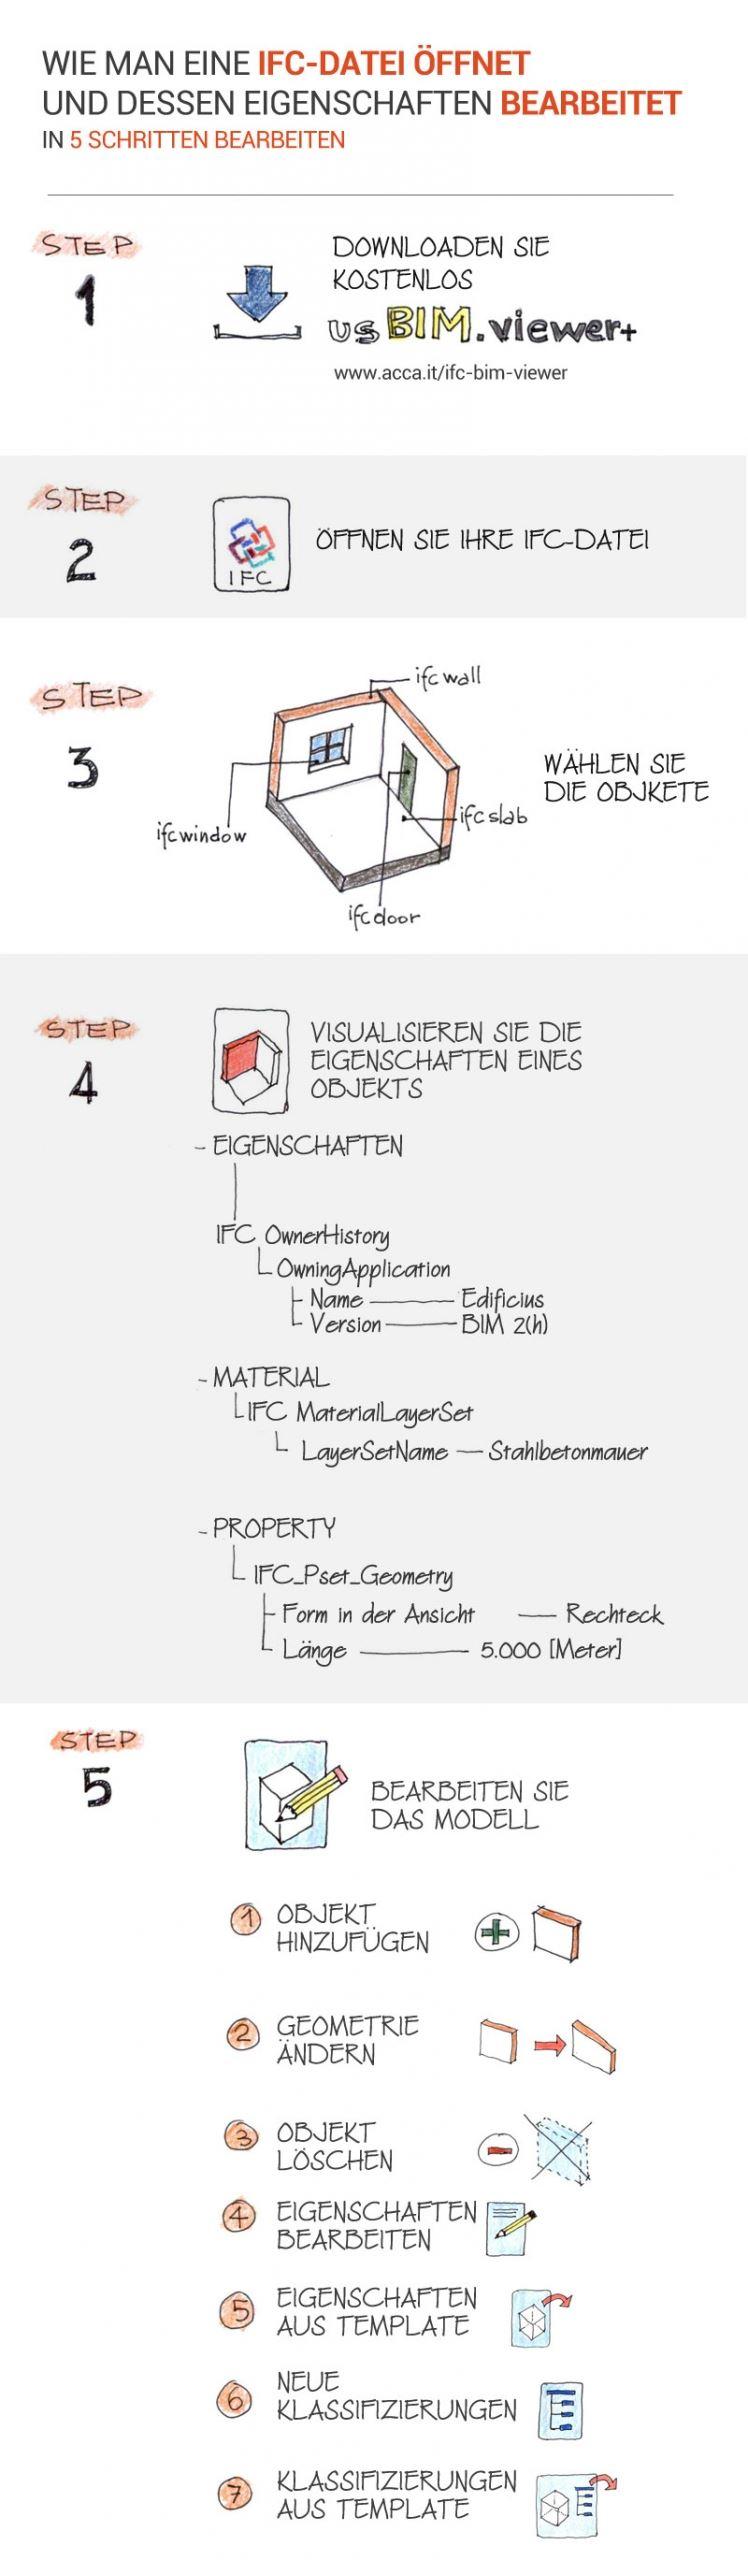 Handgezeichnete Infografik wie man eine IFC-Datei öffnet und die Eigenschaften in 5 Schritten ändert